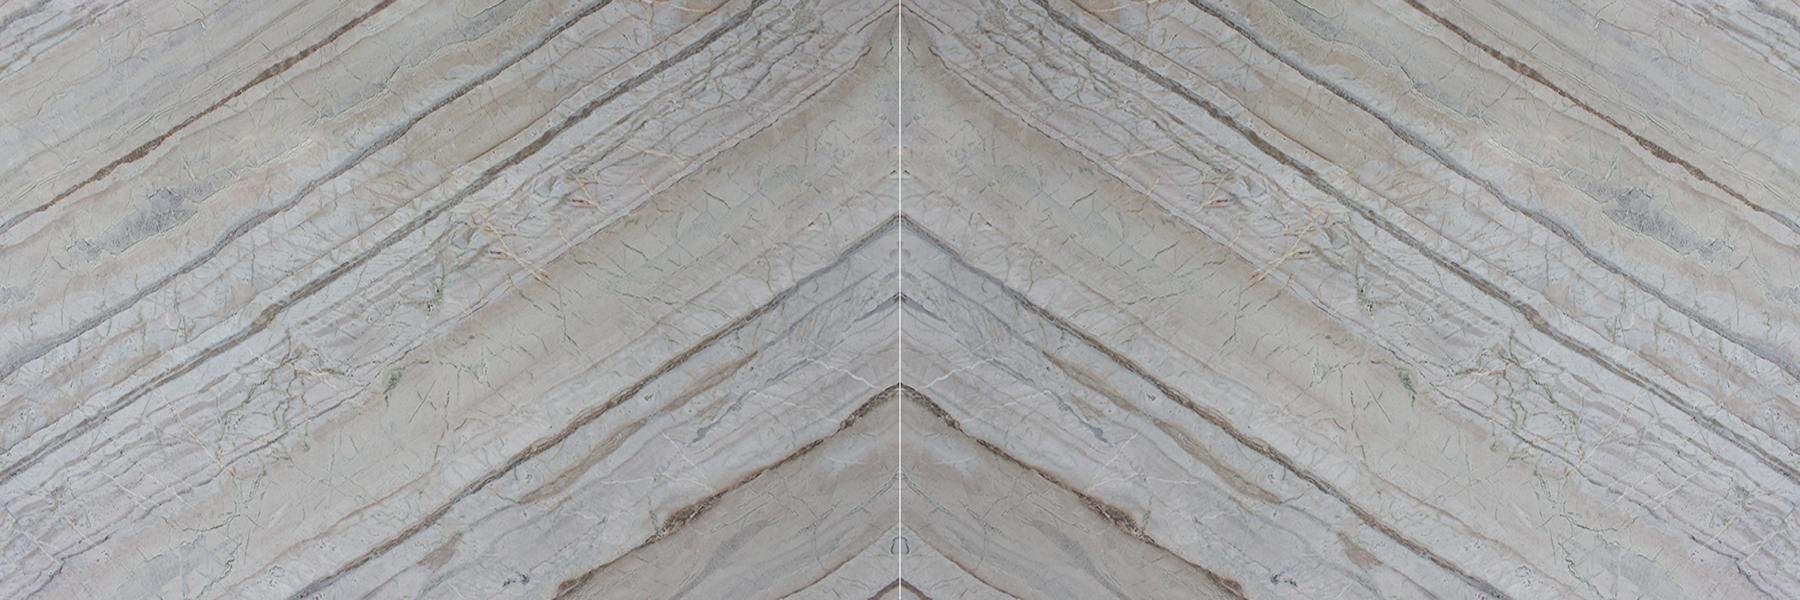 Corteccia Quartzite 2 slab Bookmatch B